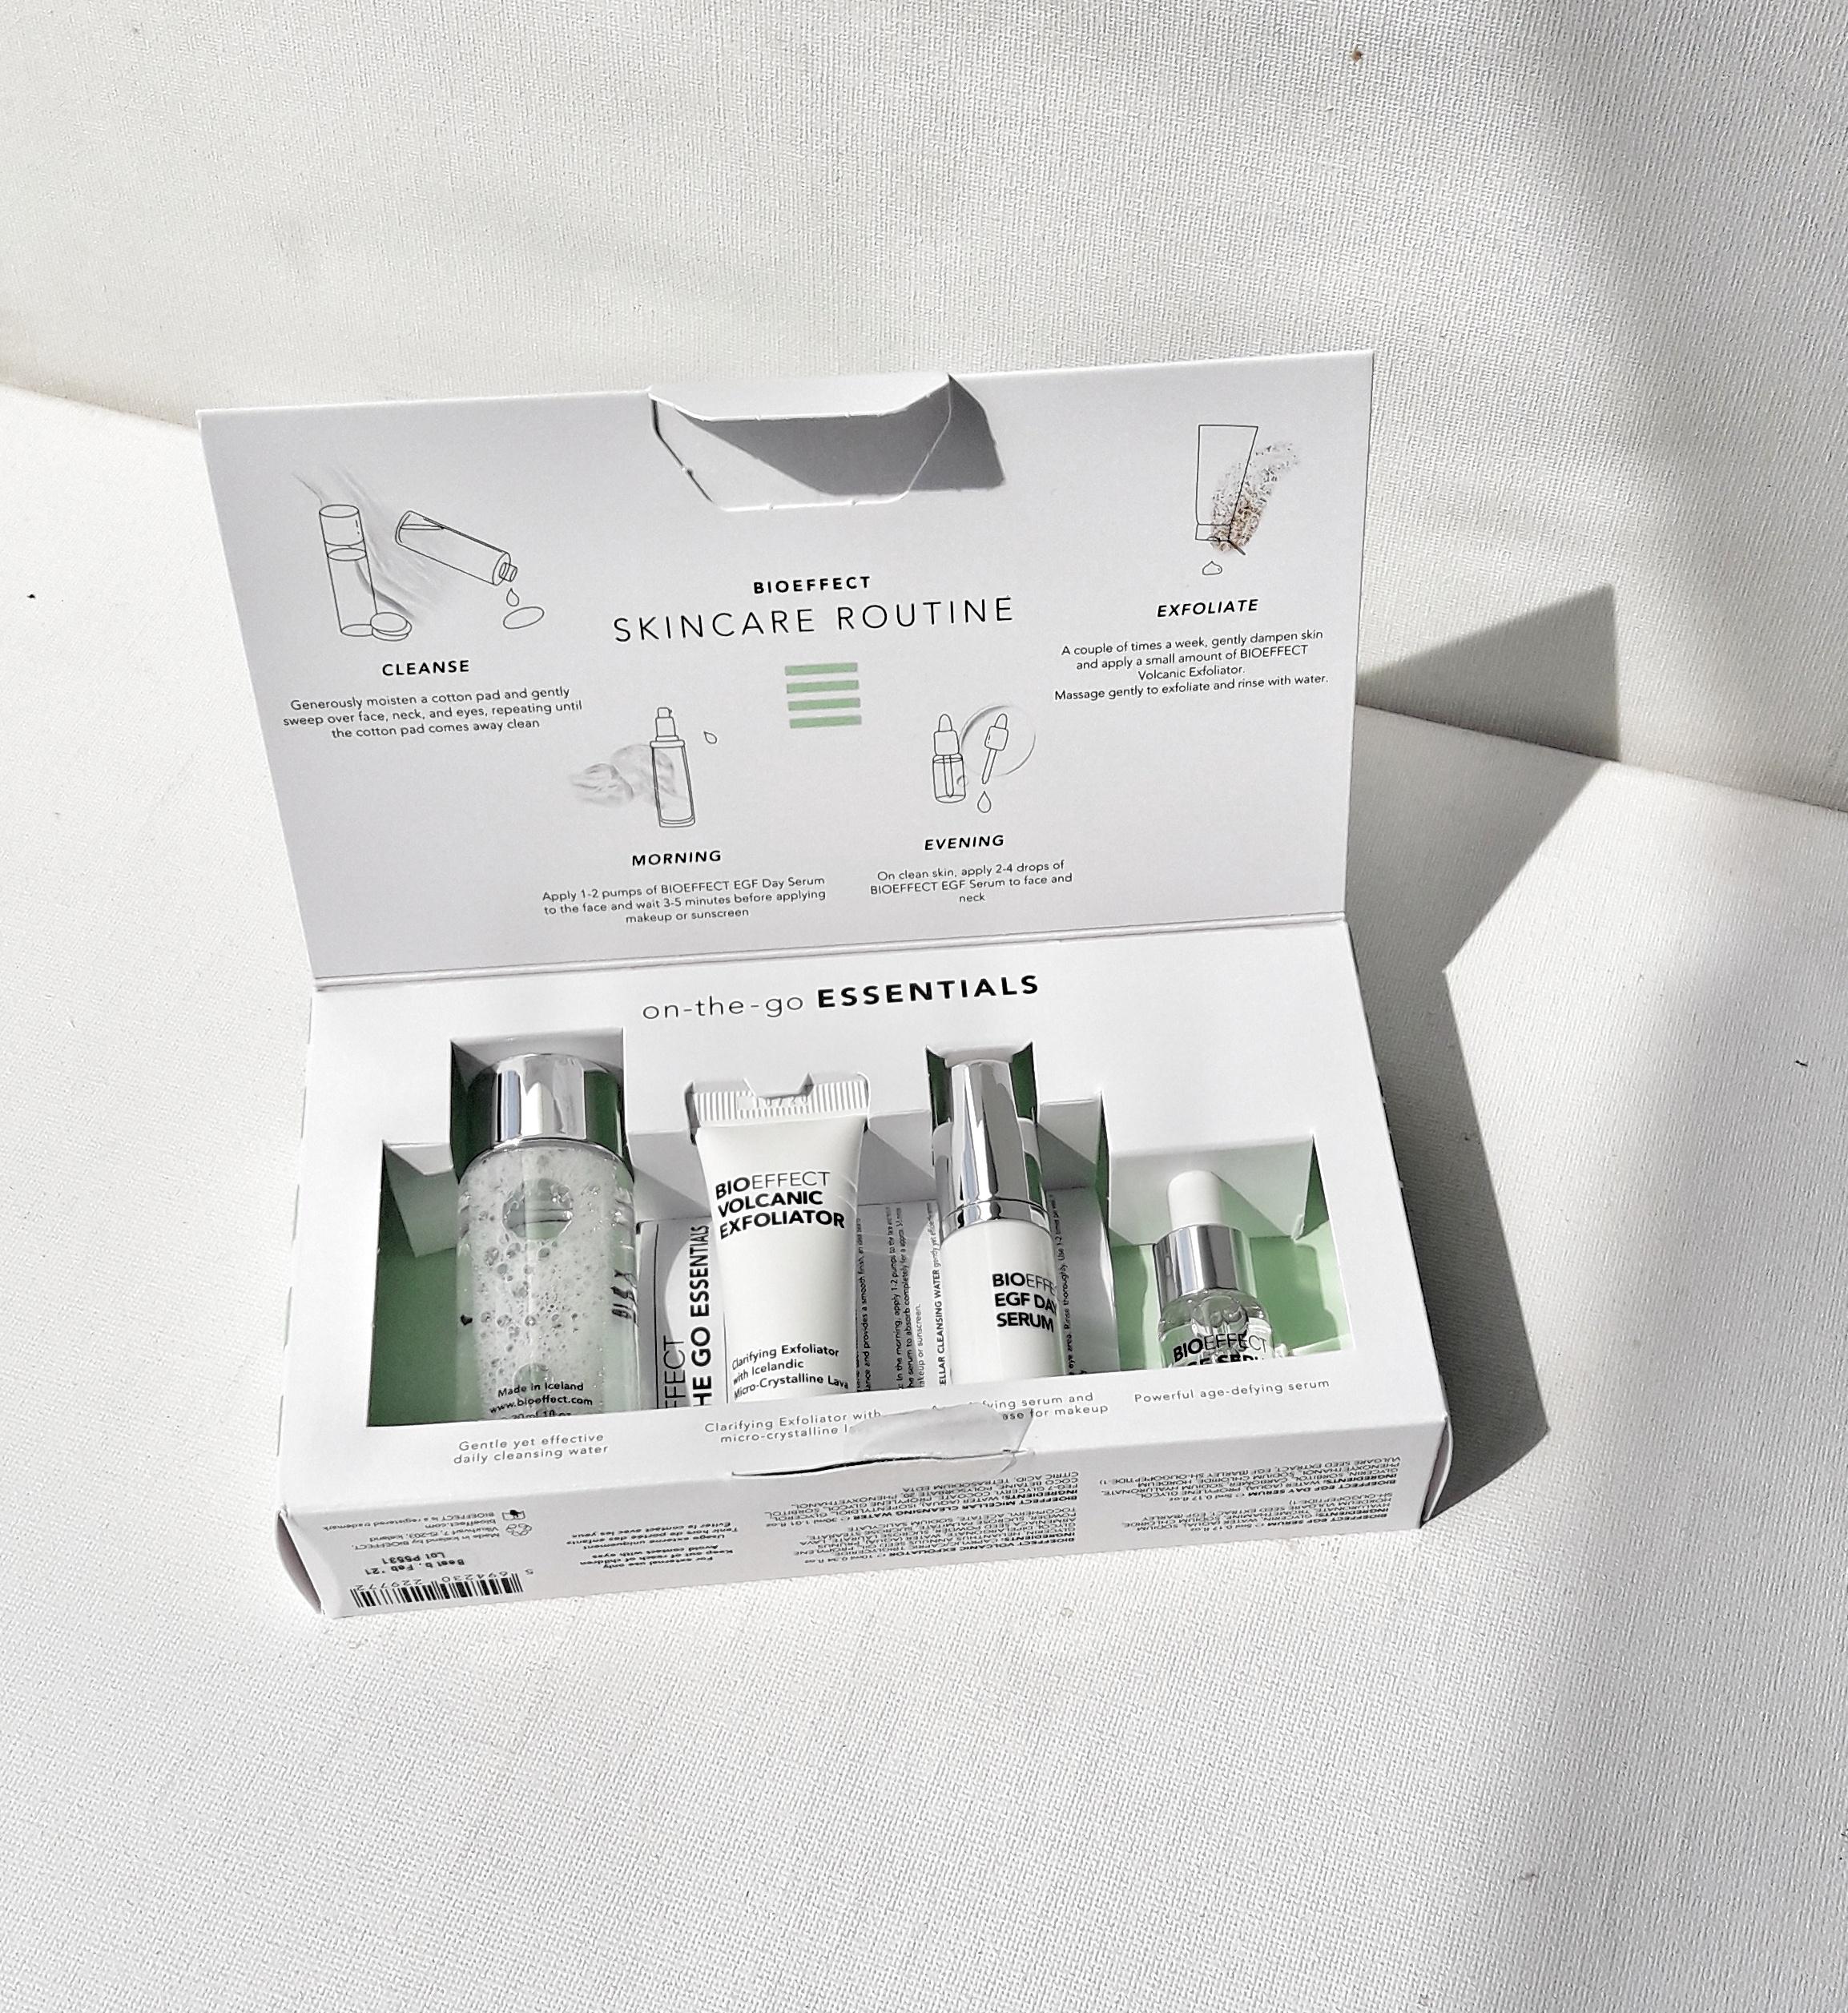 ROUTINE DE SOIN BIOEFFECT À EMPORTER PARTOUT. La collection d'essentiels BIOEFFECT et ses quatre produits indispensables en format voyage. Elle contient tout ce dont vous aurez besoin pour prendre de soin de votre peau et lui rendre son éclat.  La collection idéale pour découvrir la marque ou à offrir en cadeau.  Contenu:  SÉRUM EGF 5 ML SÉRUM EGF JOUR 5 ML EXFOLIANT VOLCANIQUE 10ML EAU MICELLAIRE NETTOYANTE 30 ML Les amoureux de BIOEFFECT pourront à présent garder leur produits préférés sous la main, à tout moment ! Prix: 65,00 €